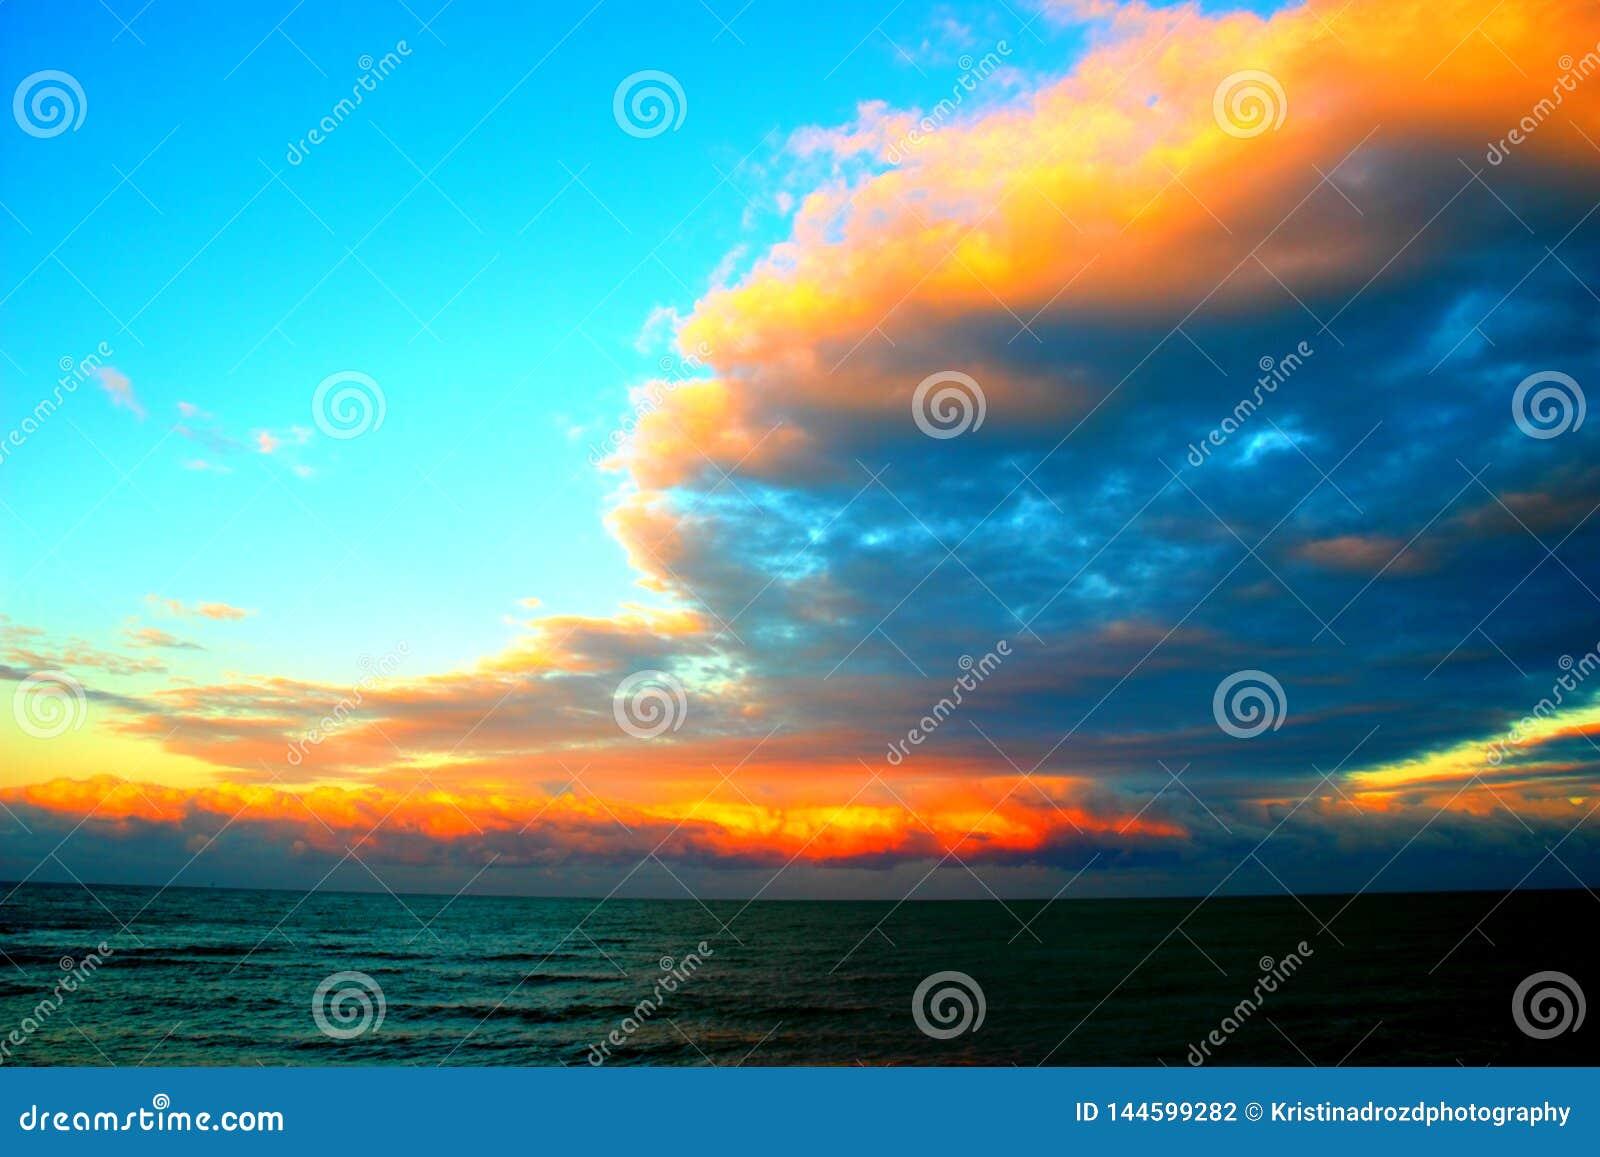 Förbluffa moln över havet under solnedgång